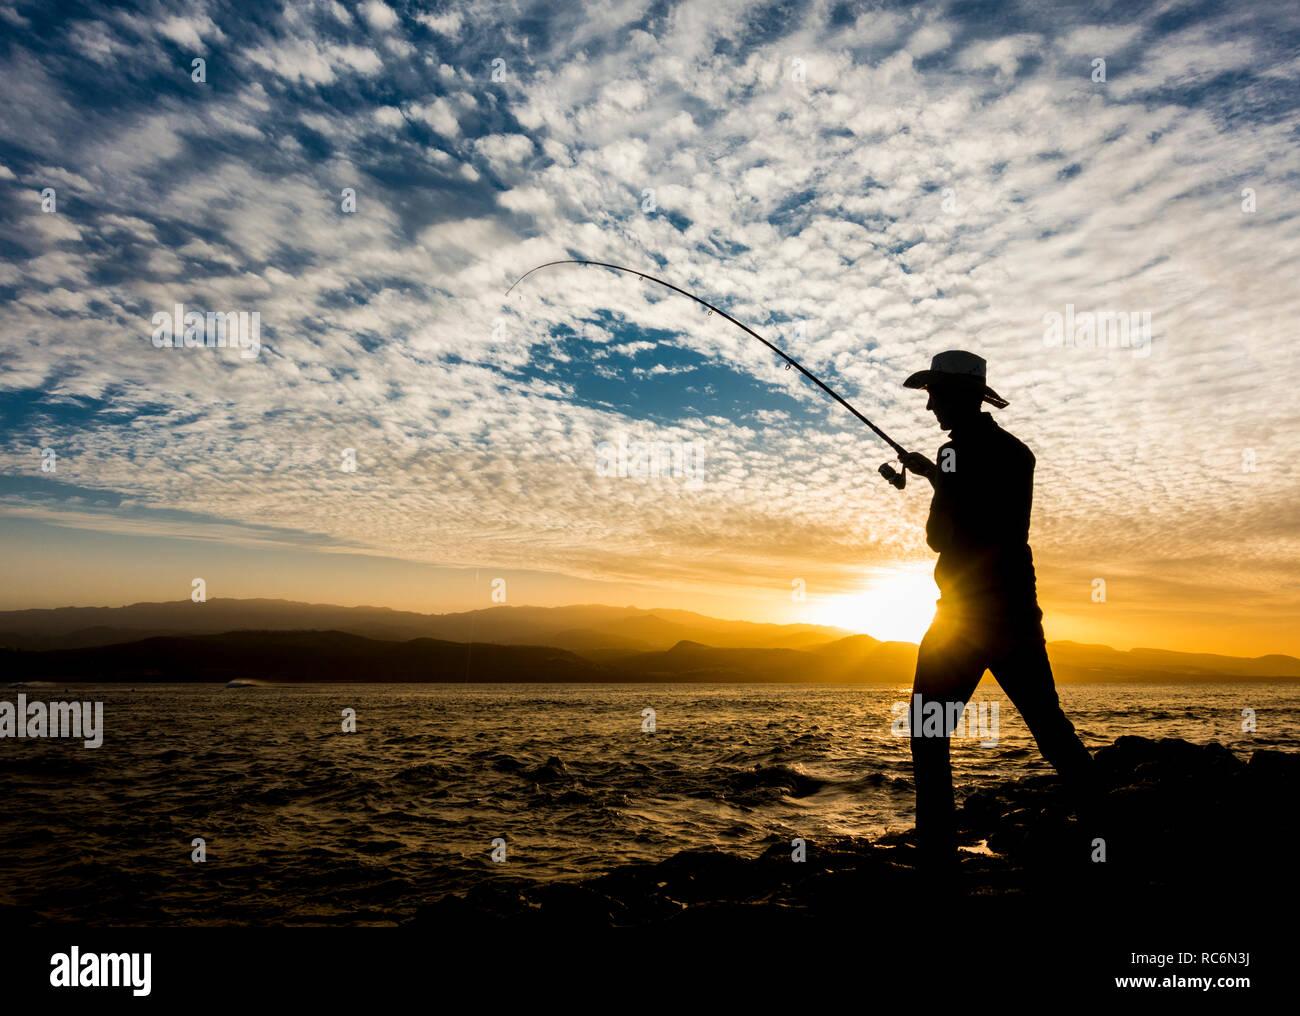 Hombre de mar, pesca con caña de pesca al atardecer. Imagen De Stock